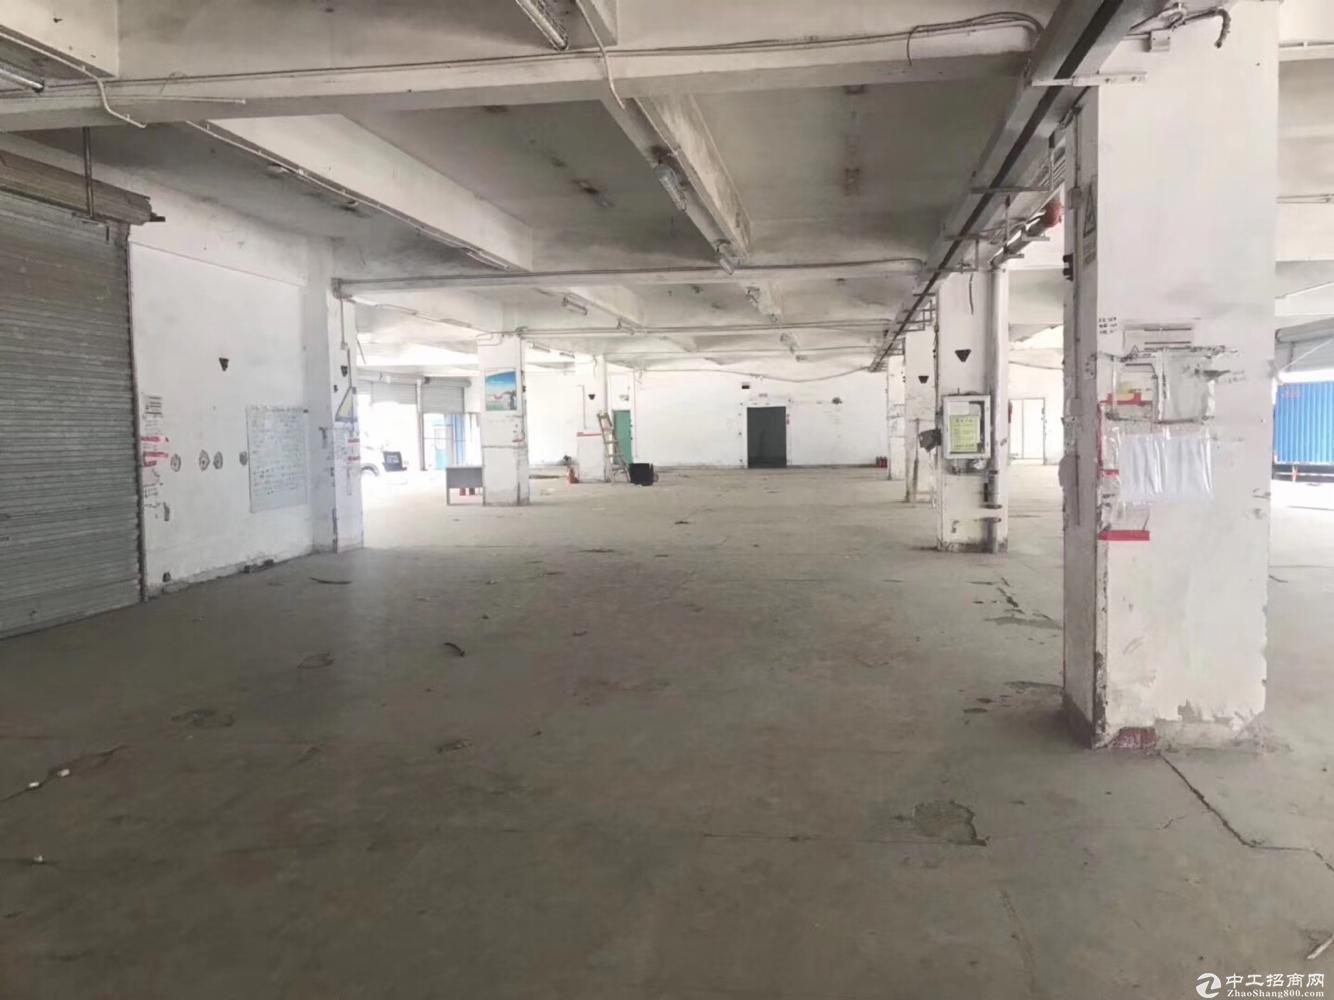 坂田一楼仓库快递物流园仓储配送300平至2300平空地超大